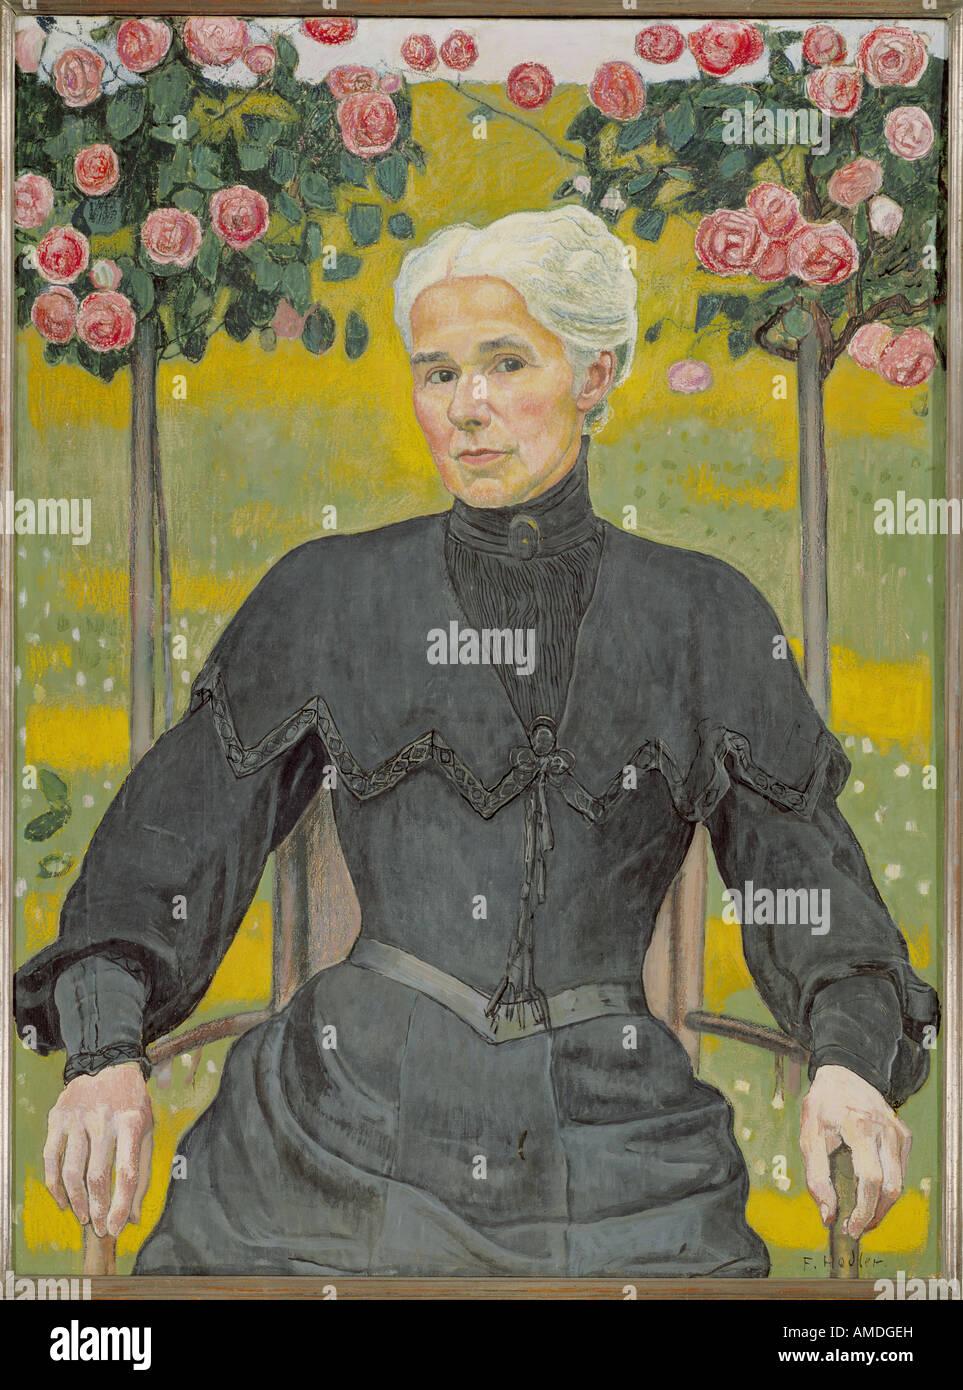 """""""Bellas Artes, Ferdinand Hodler (1853 - 1918), pintura, 'Madame Emme', propiedad privada, Suiza, histórico, Imagen De Stock"""